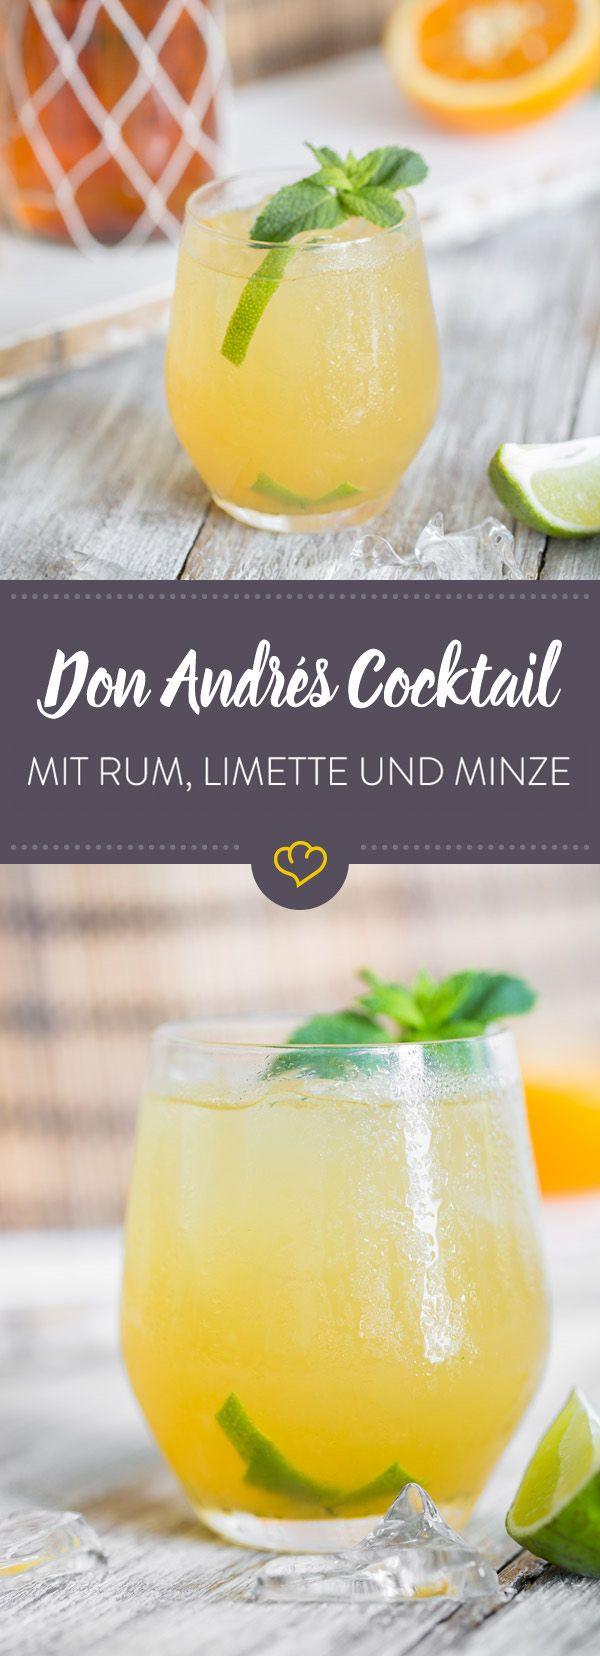 Hol dir die Karibik nach Hause und mix dir einen sommerlich frischen Cocktail mit dunklem Rum, frischem Limettensaft, Agavendicksaft und aromatischer Minze.